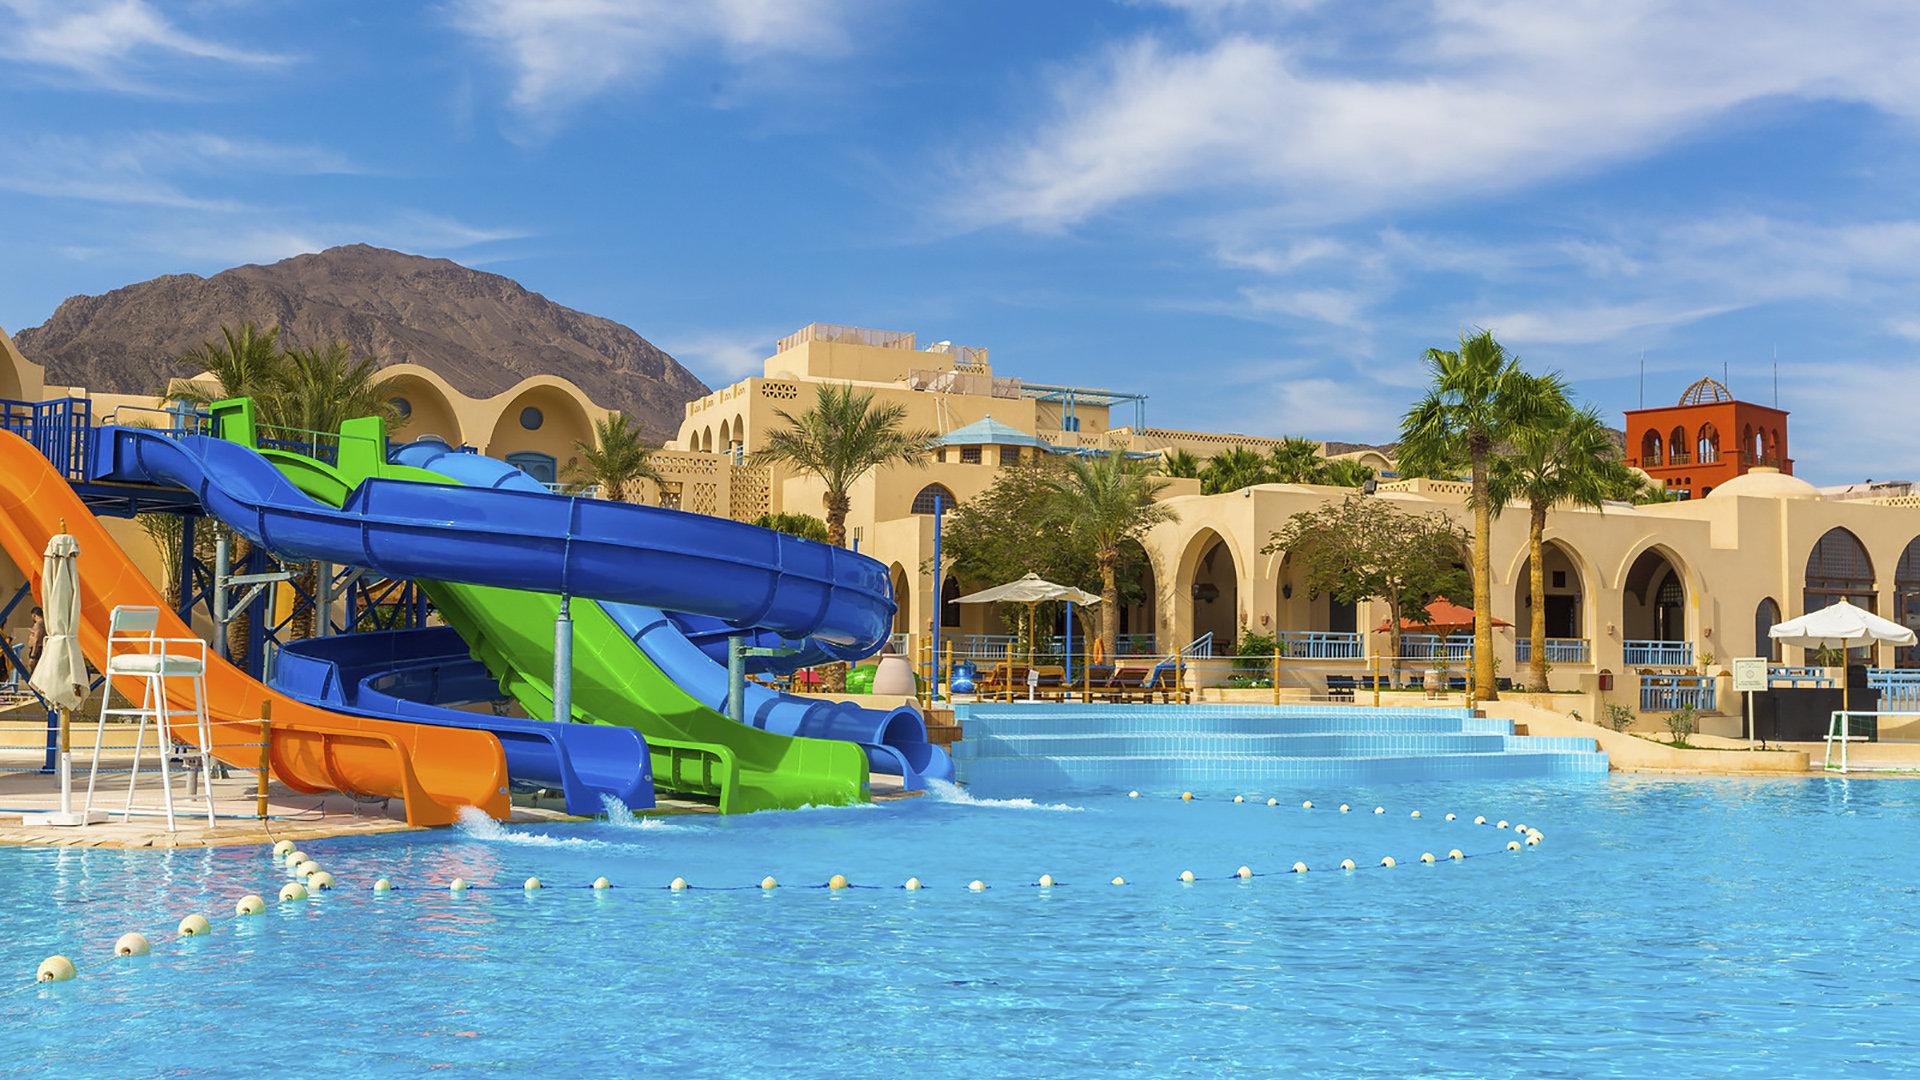 Hotel El Wekala Aqua Park Resort egipt itaka